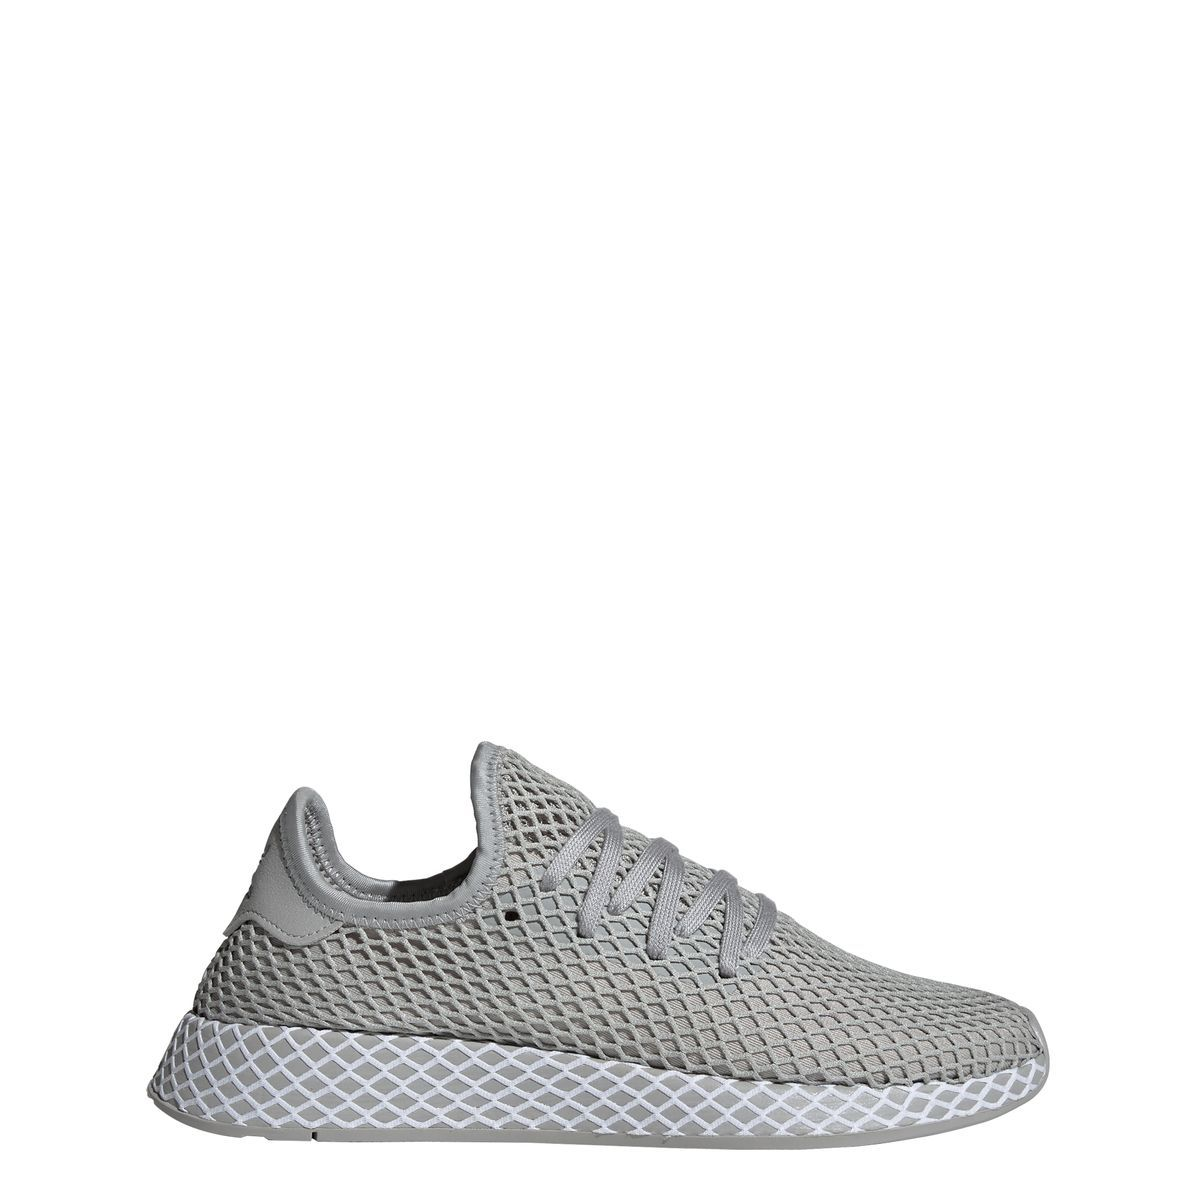 Chaussures DEERUPT RUNNER | Chaussure, Nike chaussures de ...